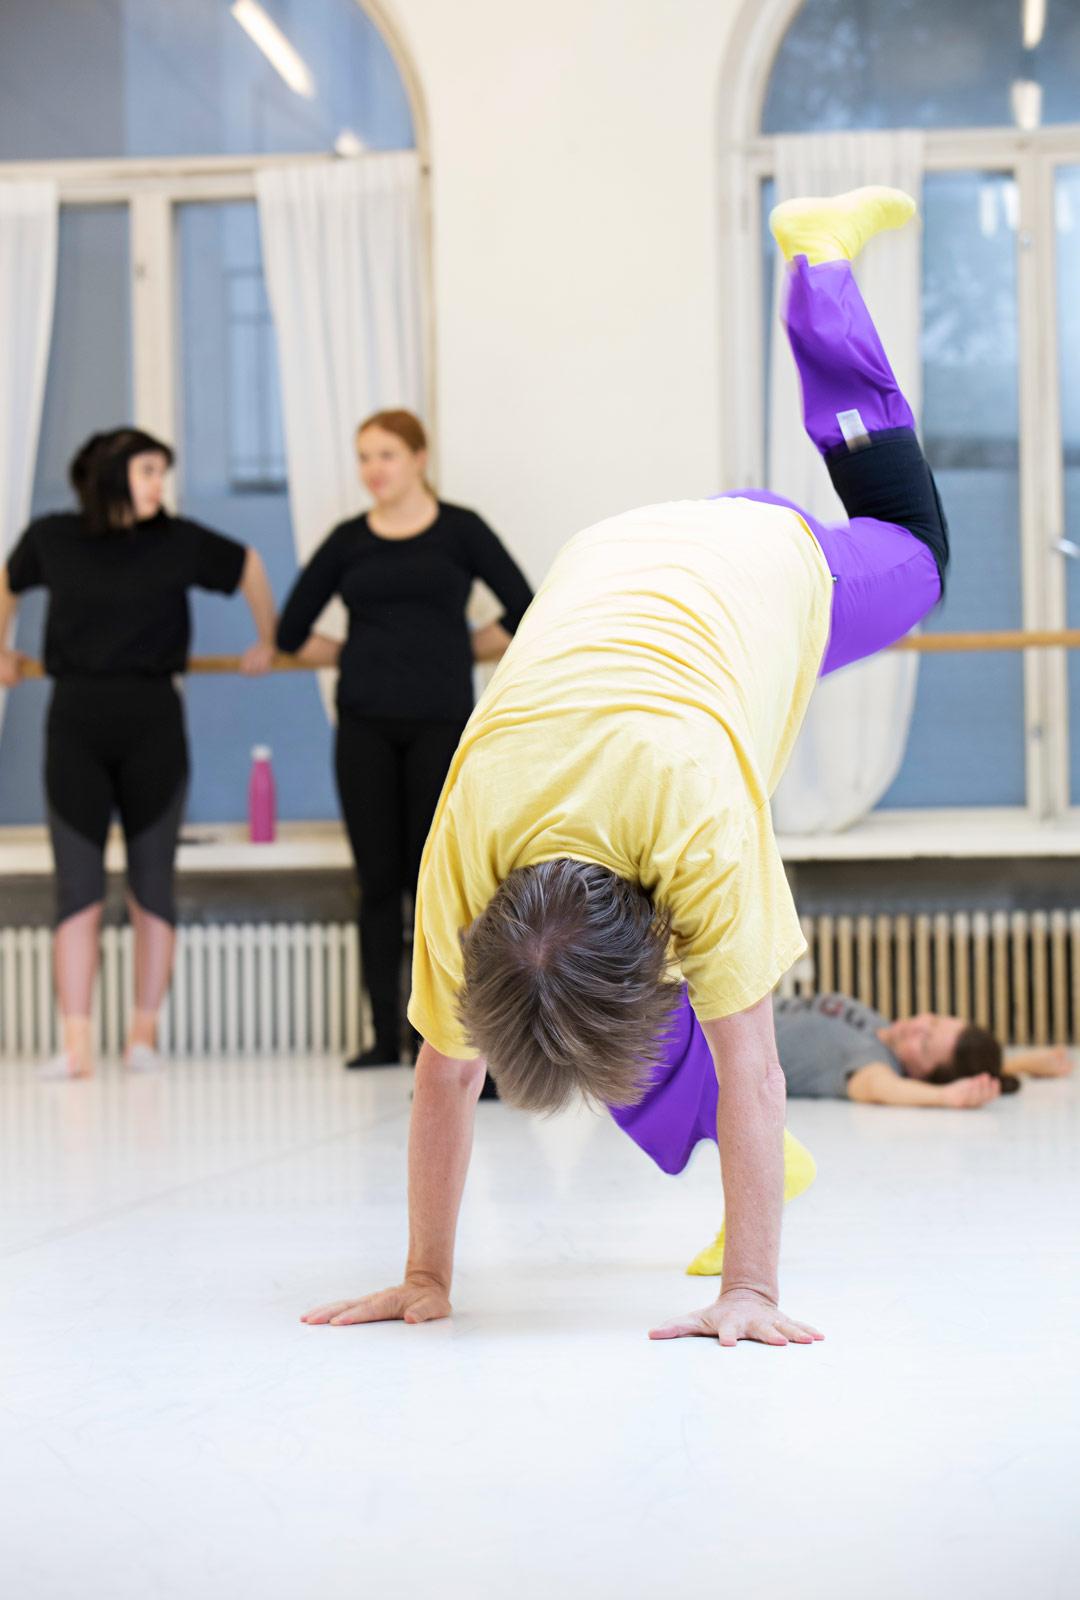 Eläkkeellä oleva musiikinopettaja Kari Yli-Havunen harrastaa modernin tanssin lisäksi afroa ja jazzia.